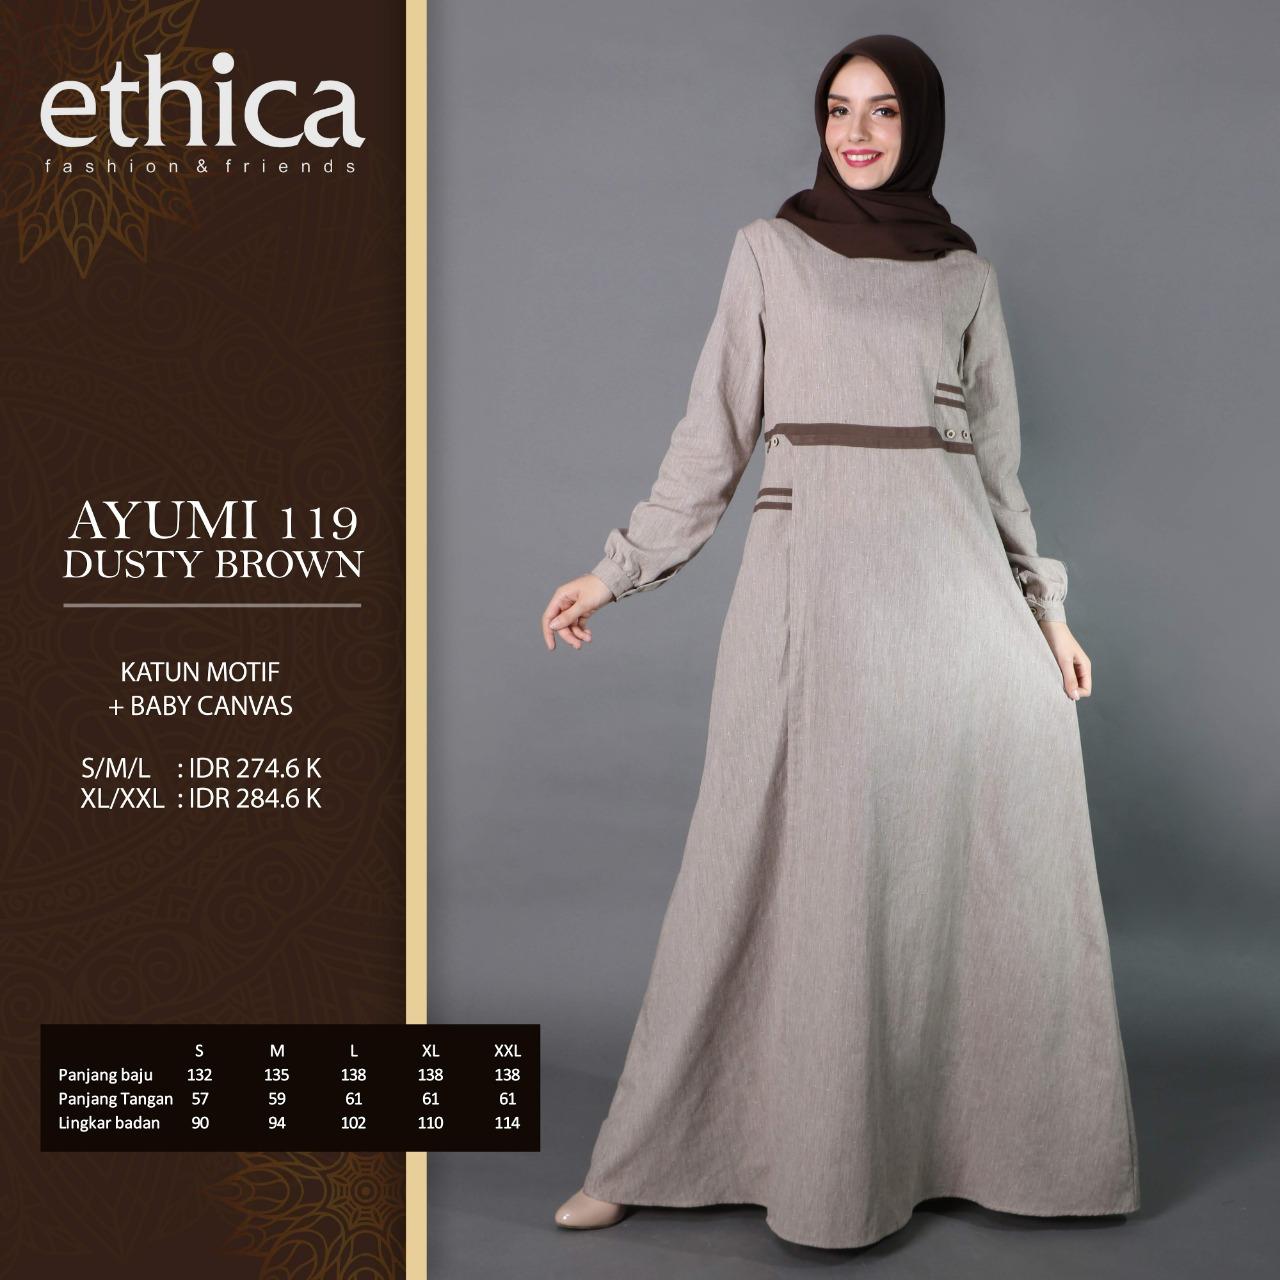 Tunik Images Model Terbaru Tunik Ethica Terbaru 2019